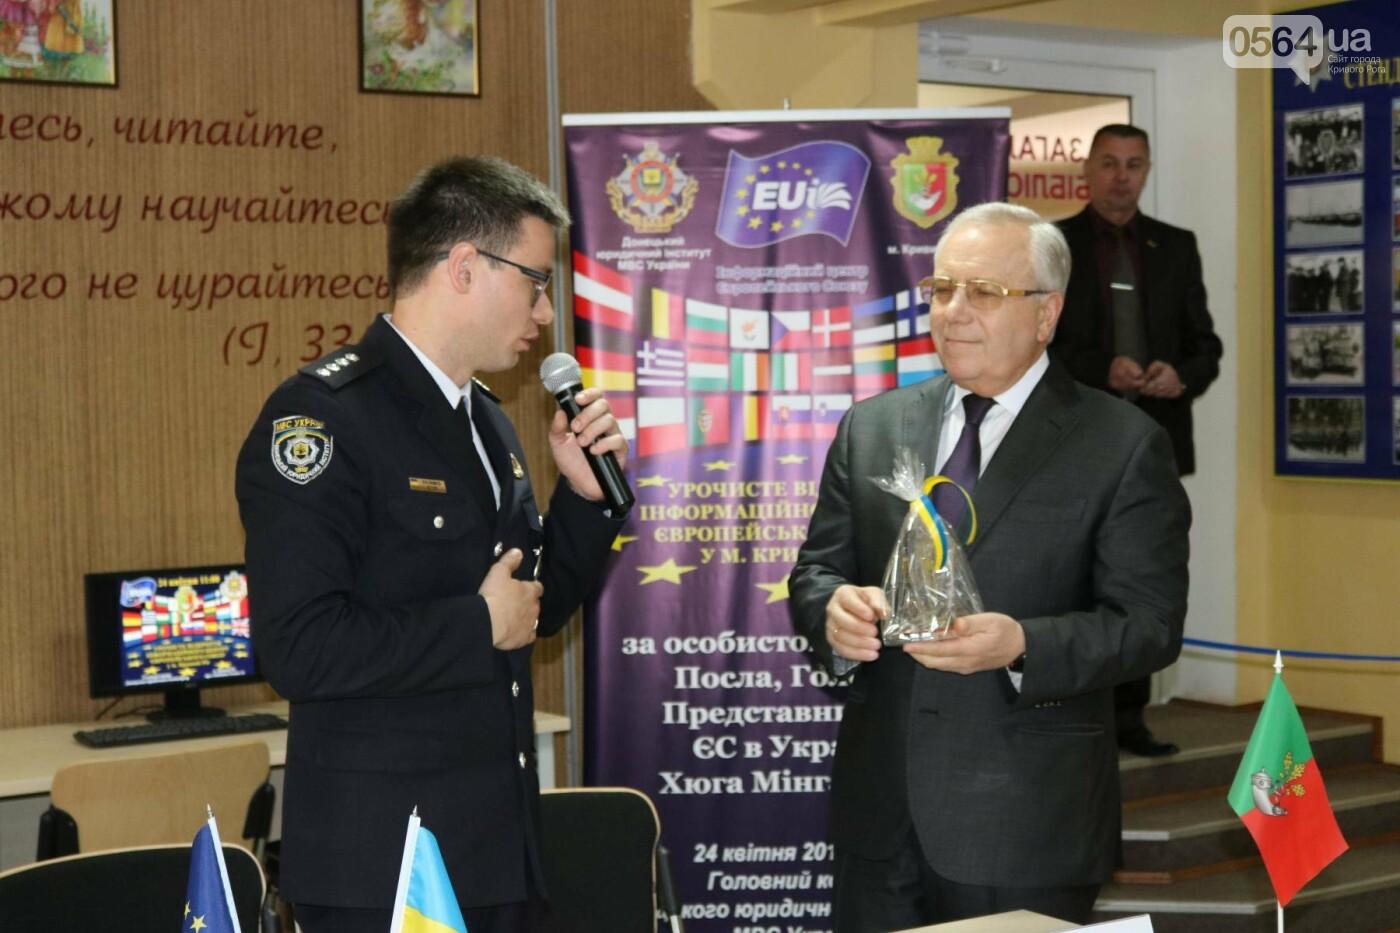 Глава представительства ЕС в Украине Хьюг Мингарелли открыл Информационный центр ЕС в Кривом Роге (ФОТО), фото-7